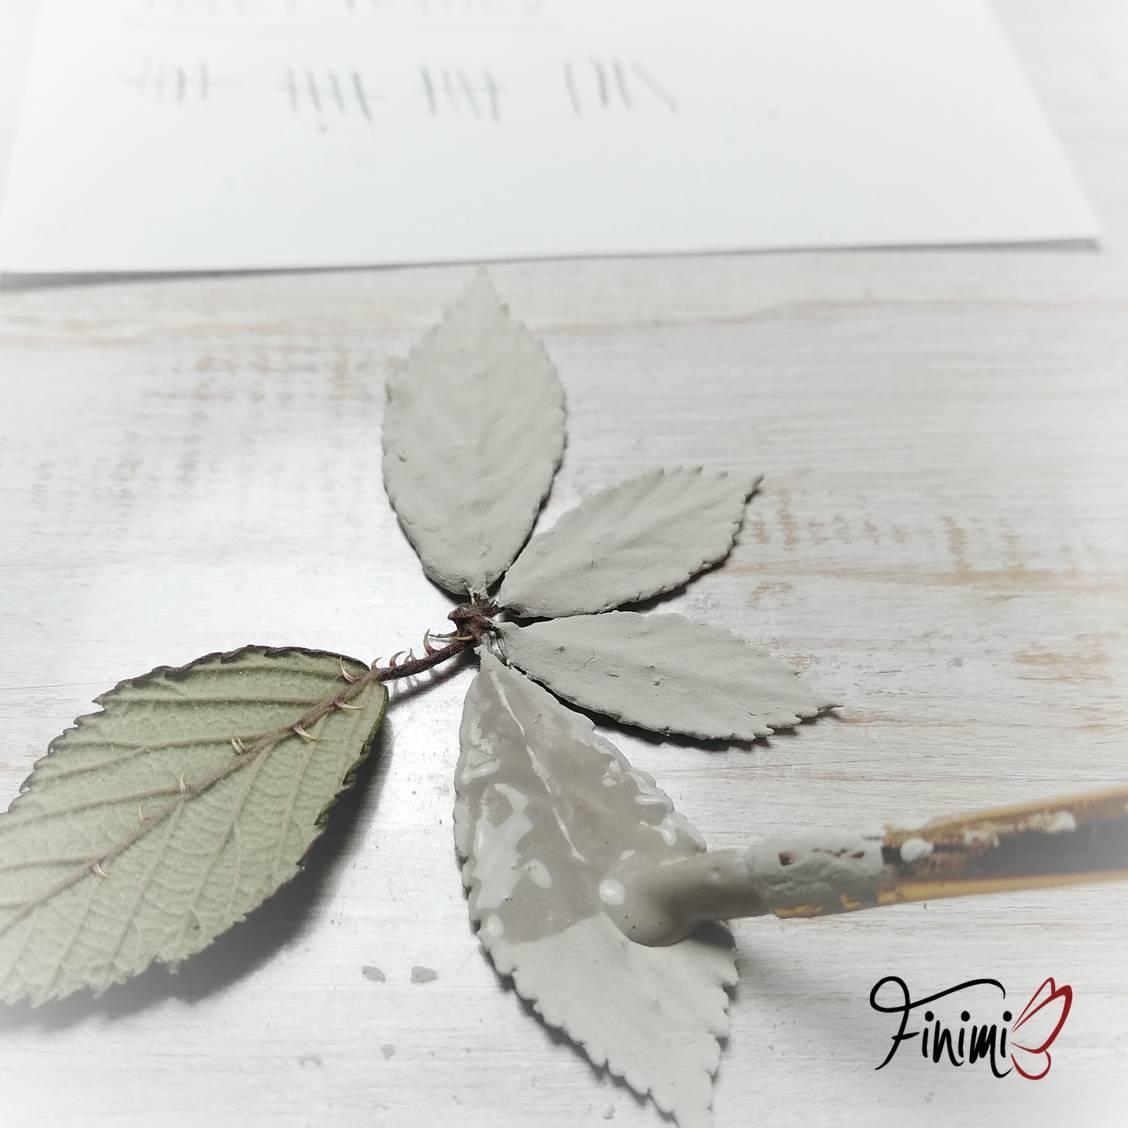 Kopirovane listy